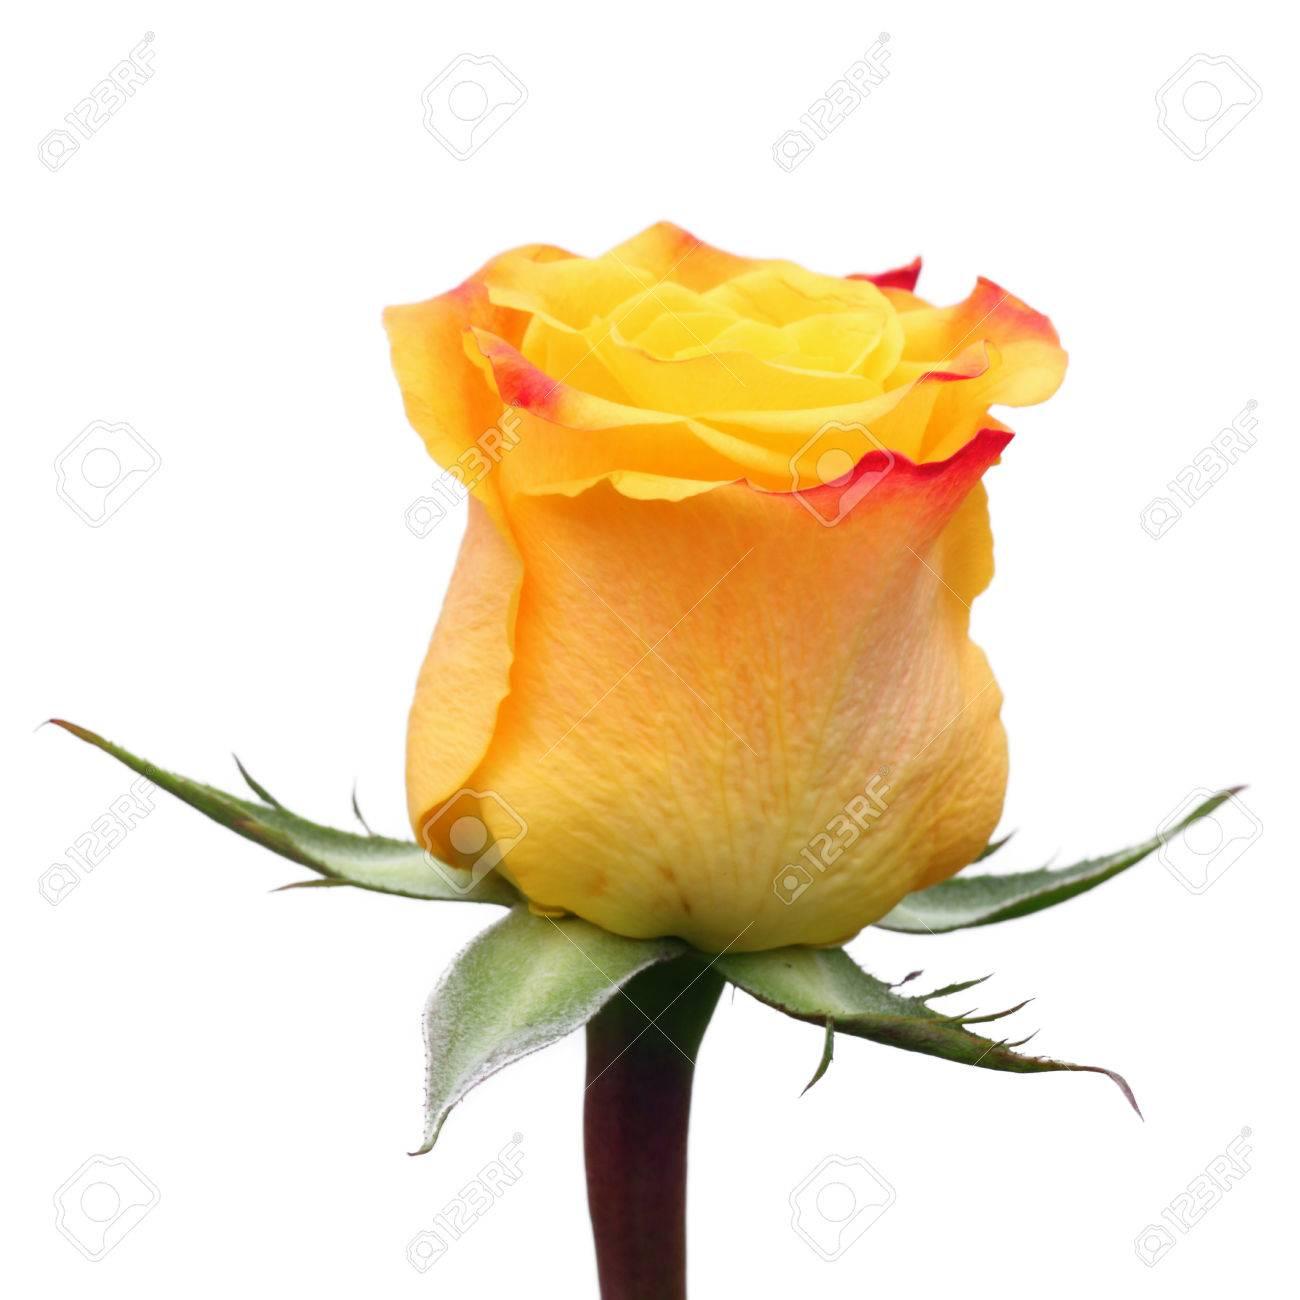 Yellow rose Stock Photo - 22316288